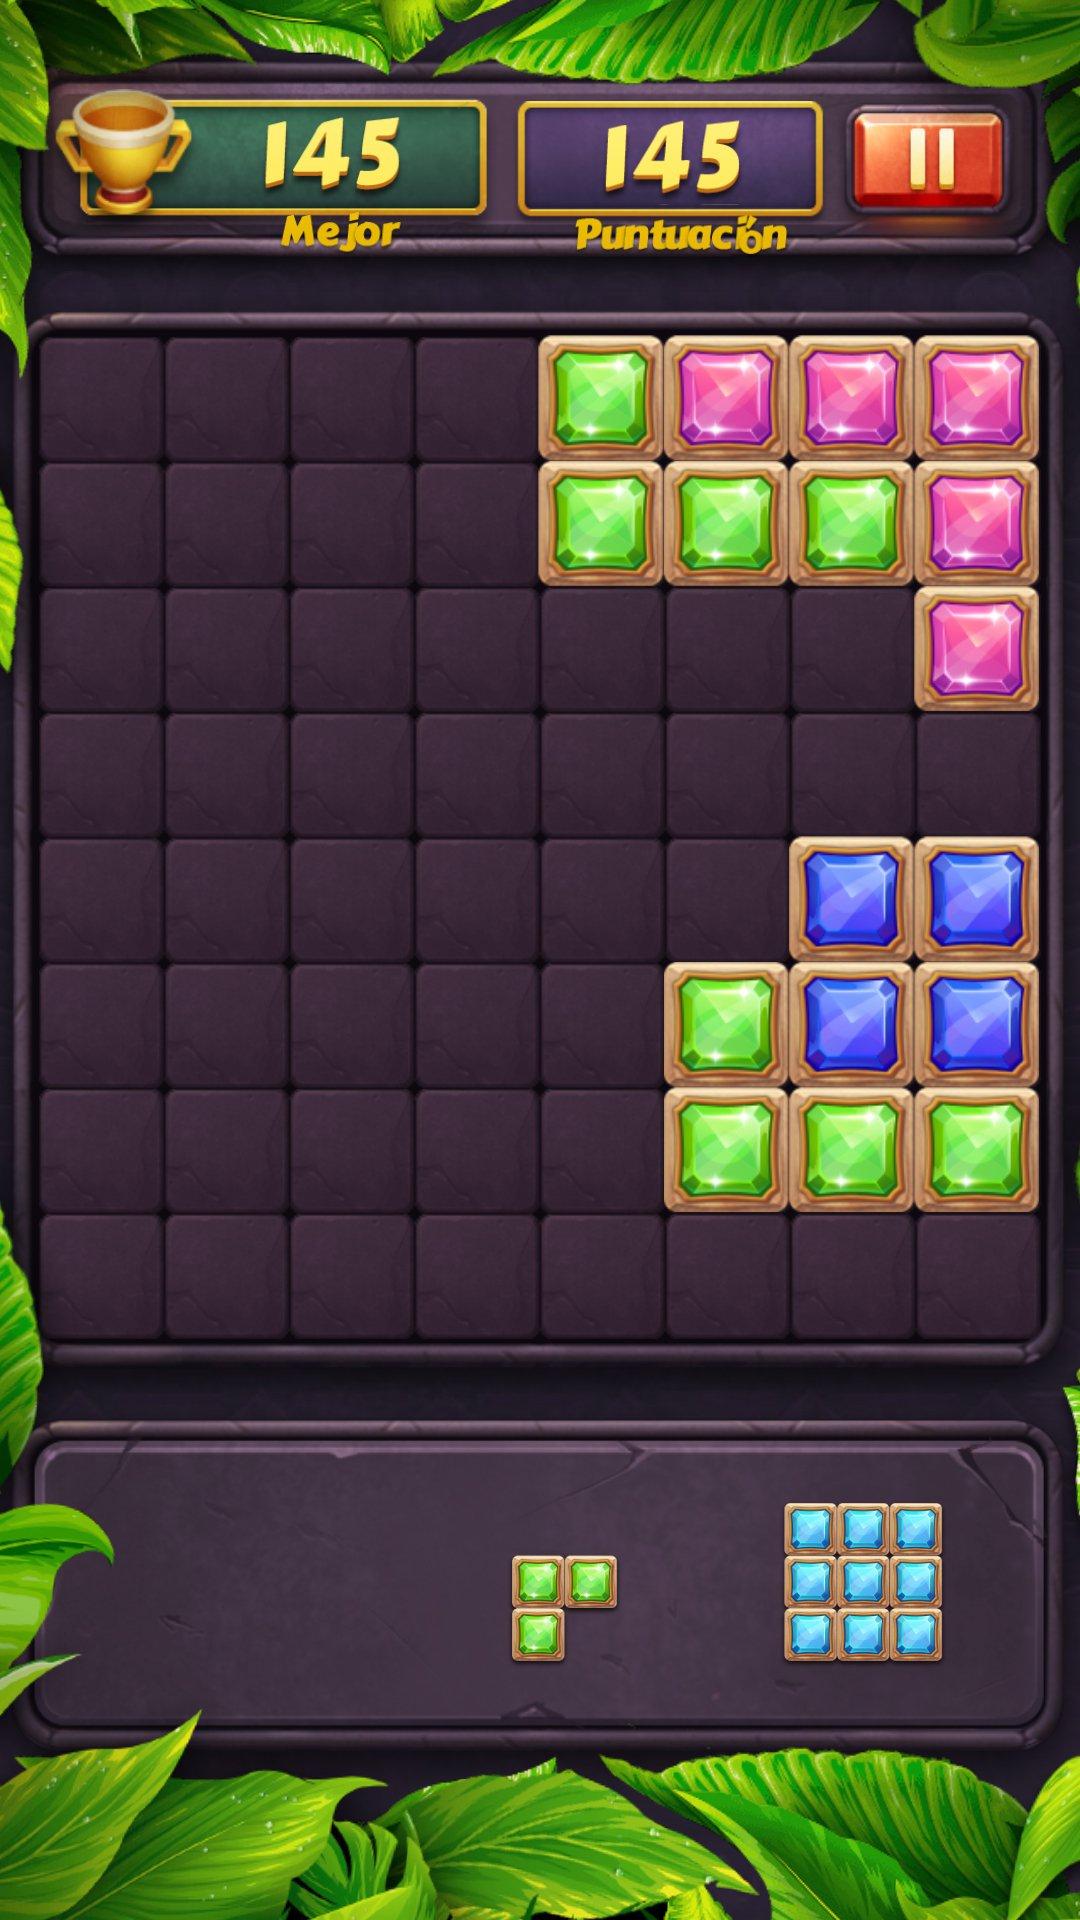 Block Puzzle Jewel 39.0 - Télécharger Pour Android Apk dedans Puzzle Gratuit A Telecharger Pour Tablette